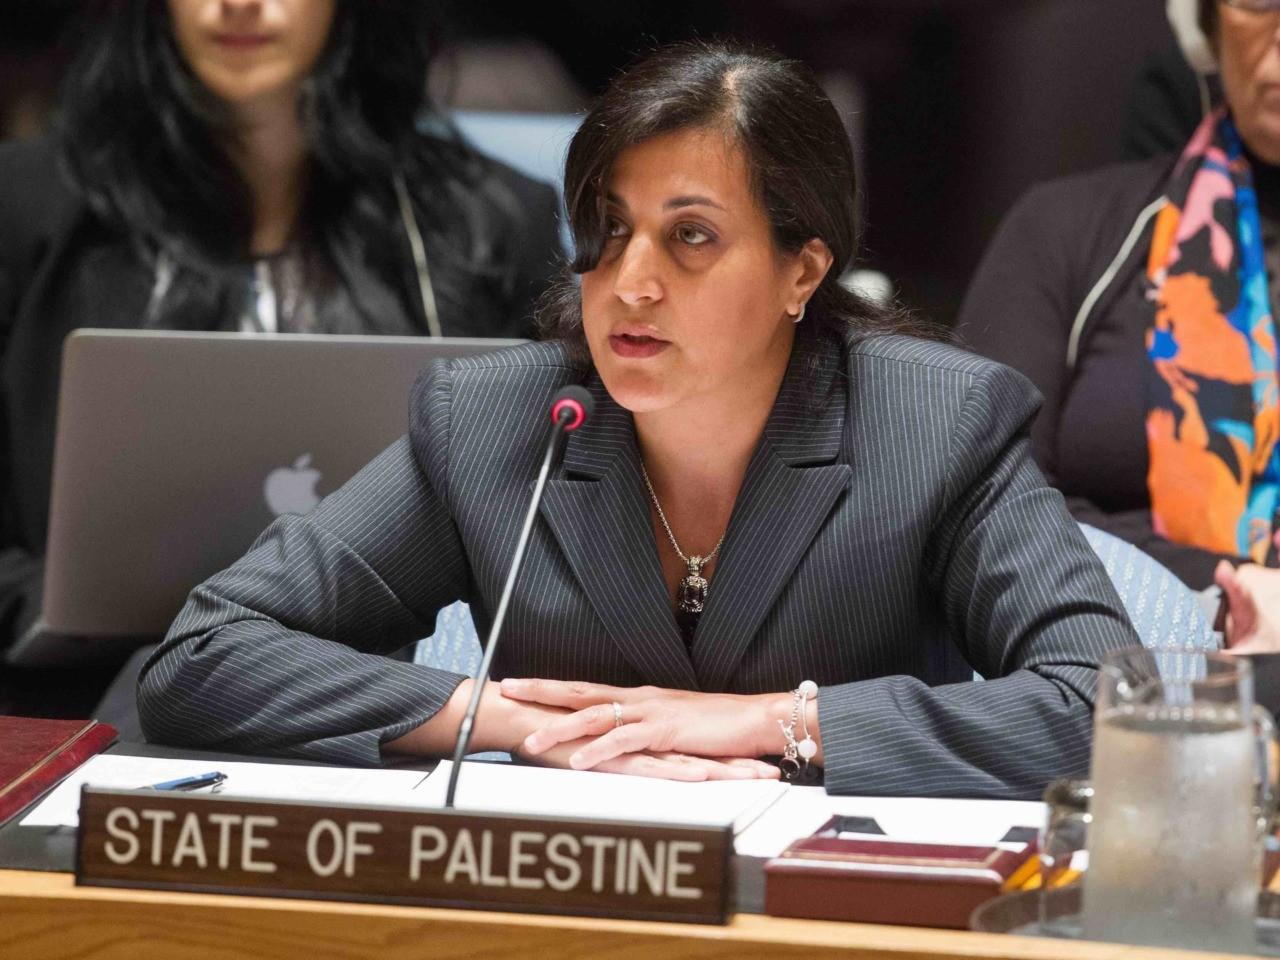 Palestinian Ambassador Donated to California Democrat Ammar Campa-Najjar | Breitbart